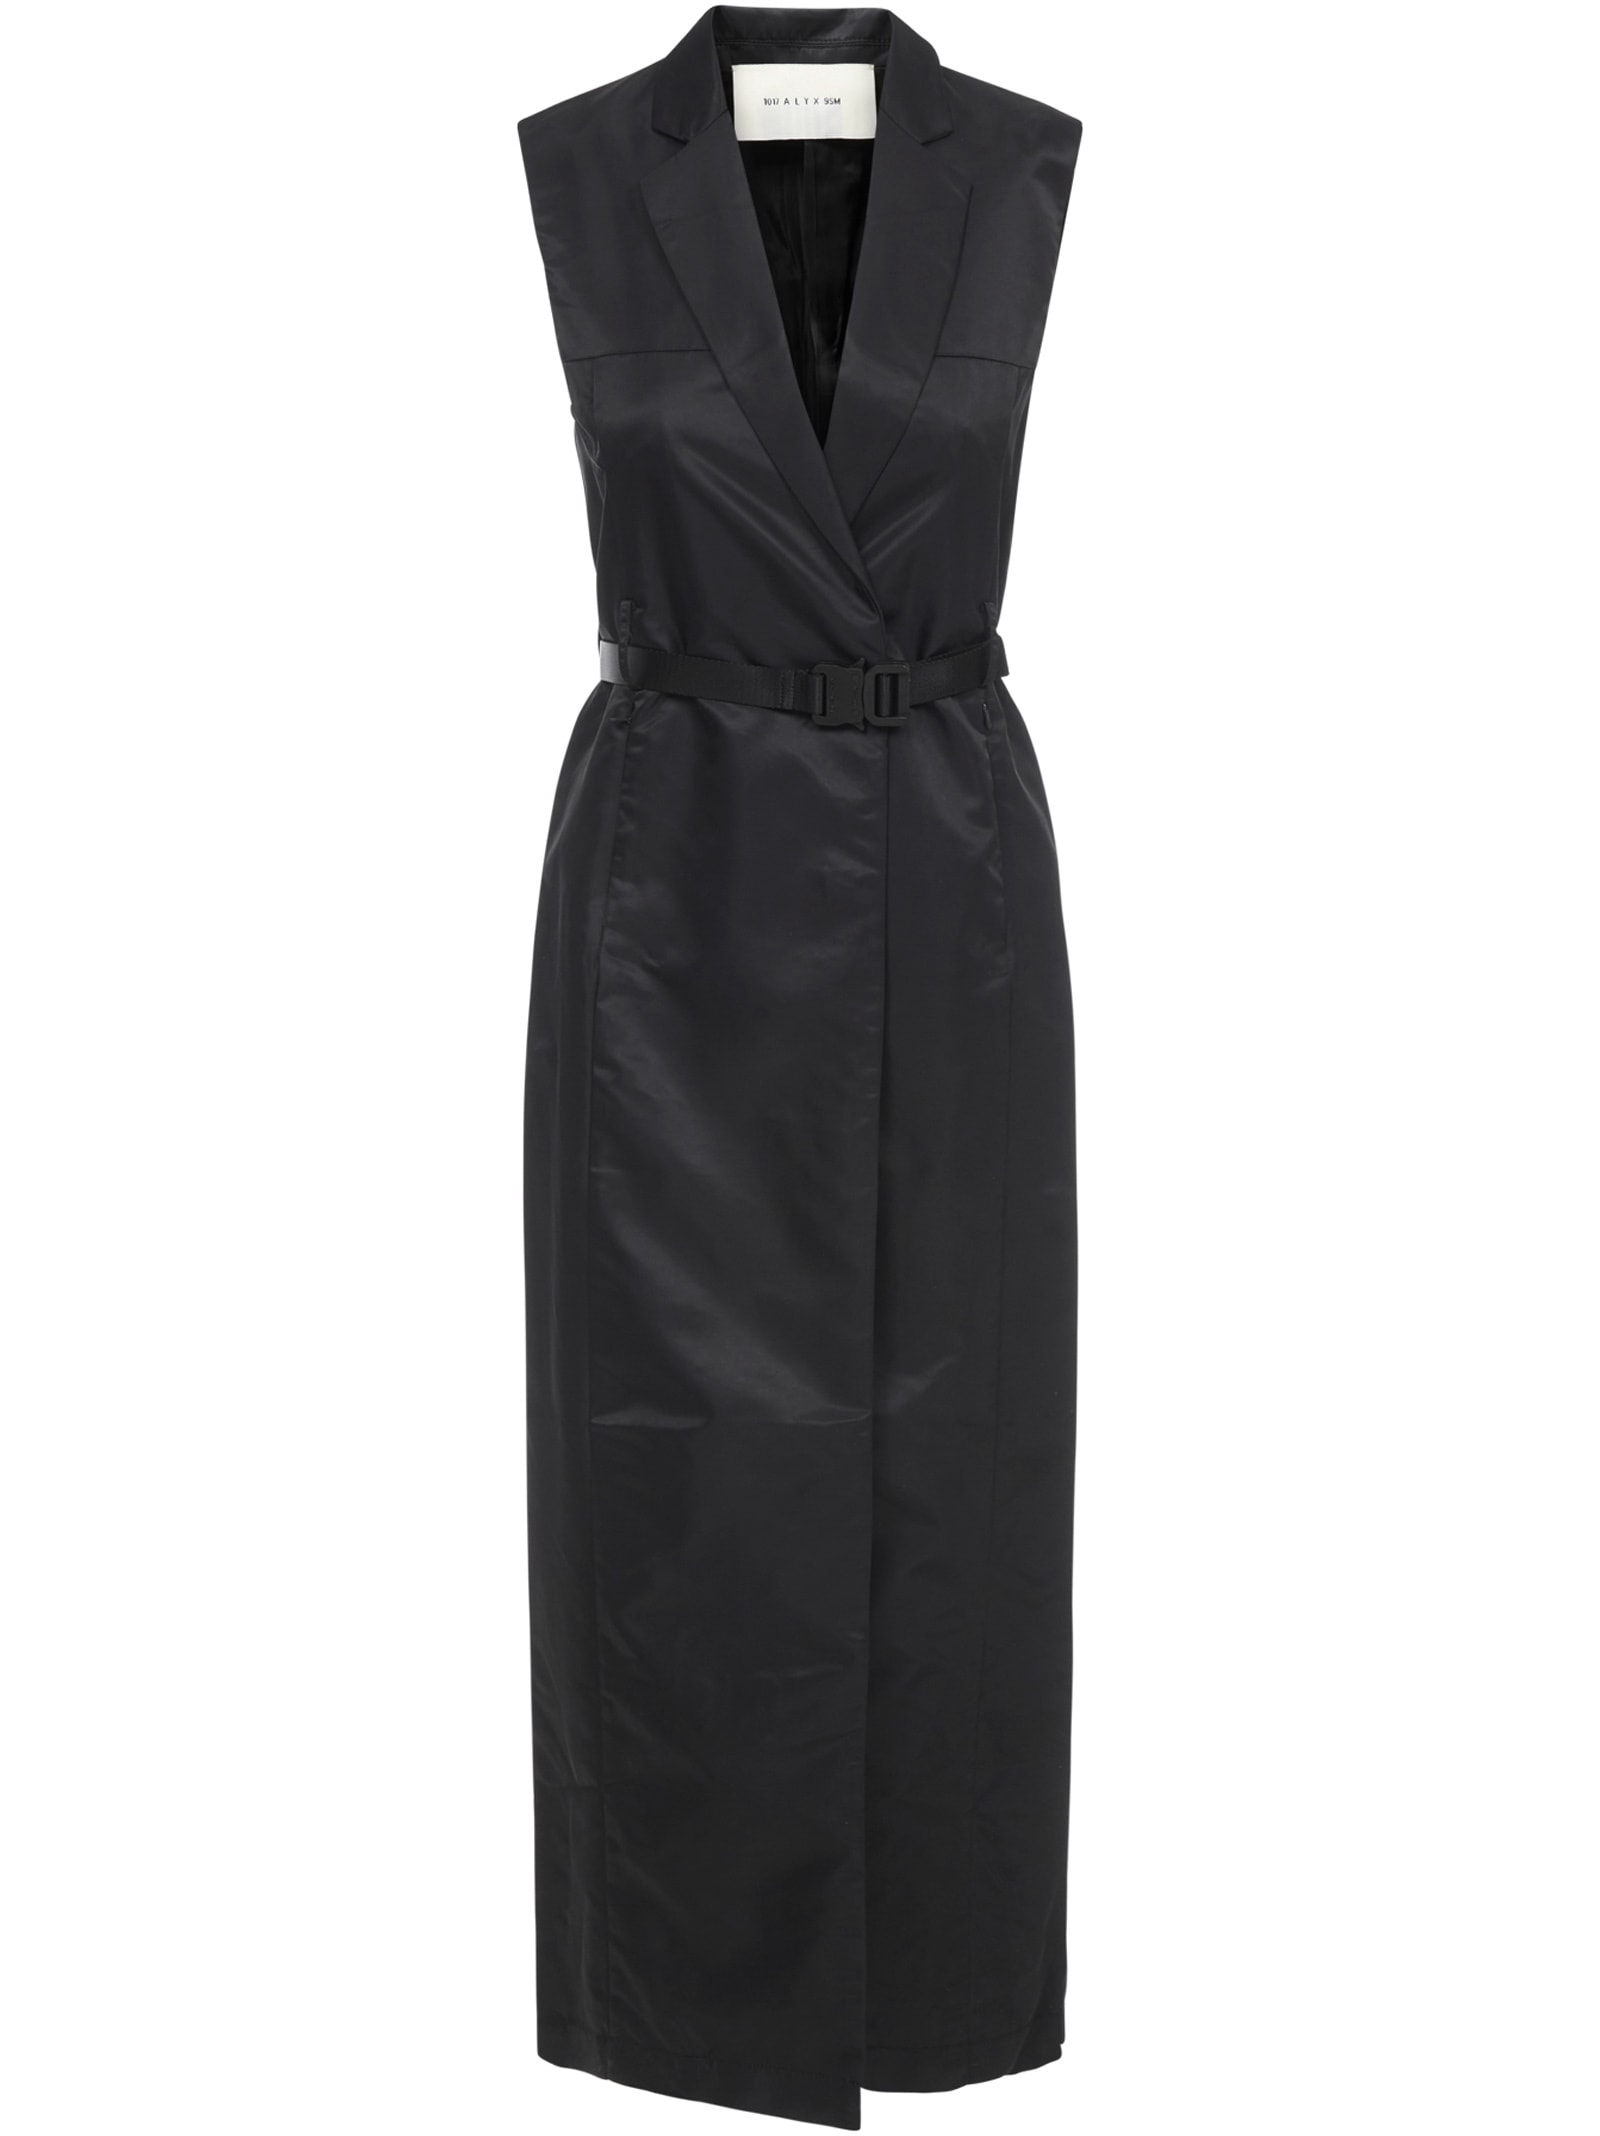 Buy 1017 ALYX 9SM Alyx Dress online, shop 1017 ALYX 9SM with free shipping